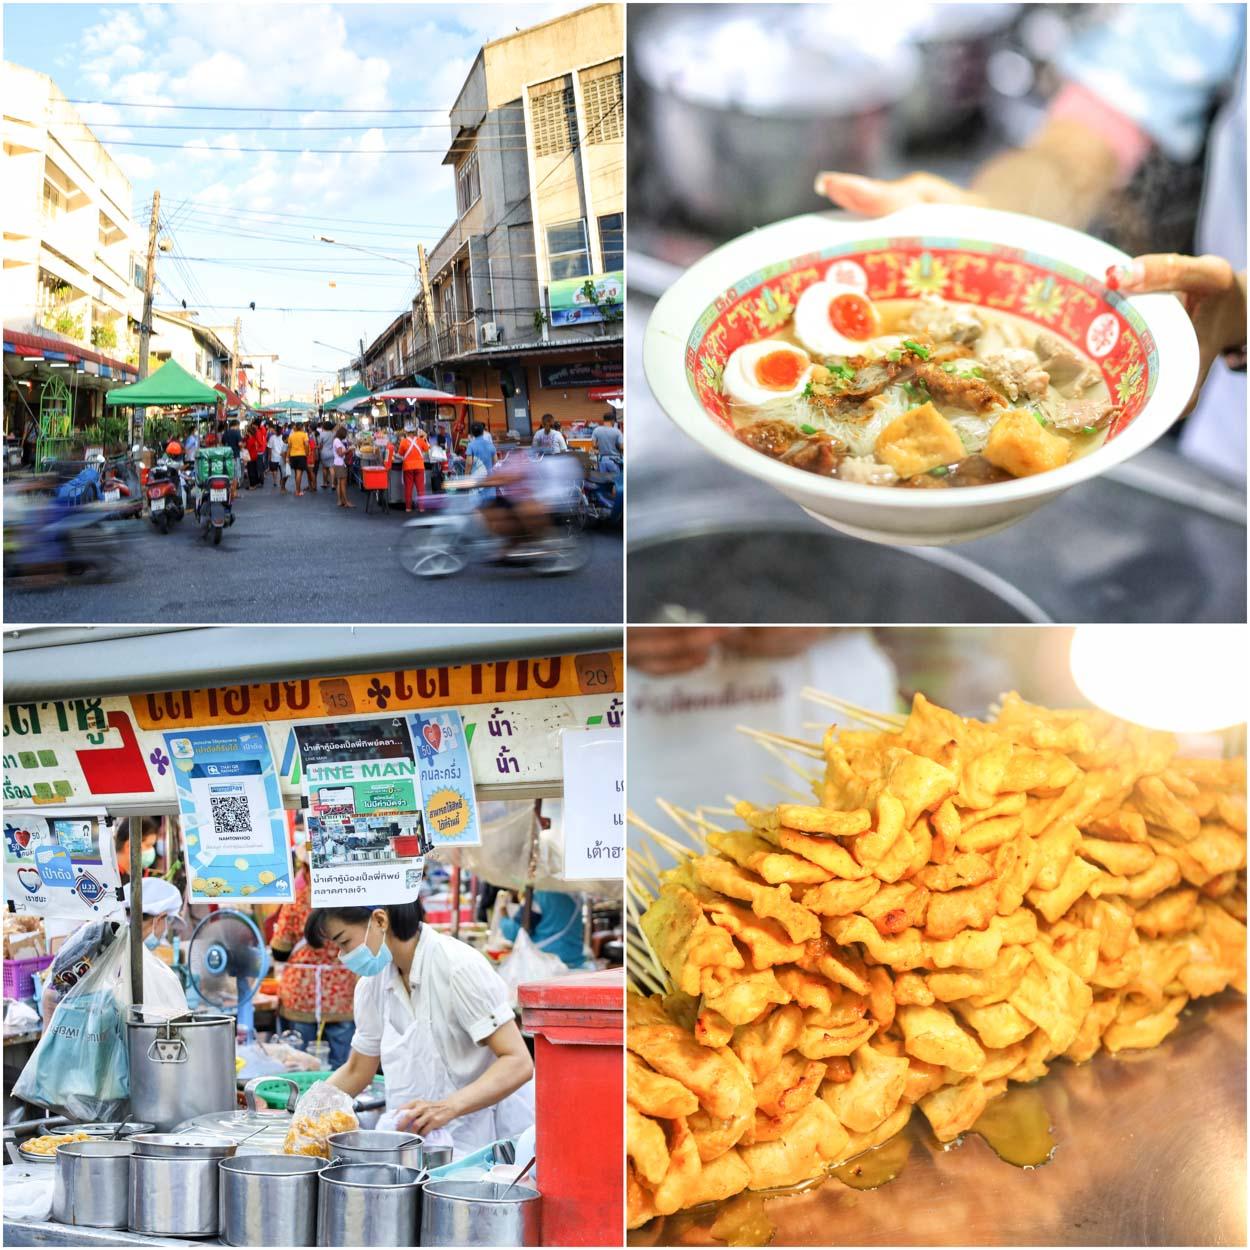 ตลาดศาลเจ้า สุราษฎร์ธานี Street Food อันดับ 1 ของชาวสุราษฎร์ มีแต่ของอร่อย